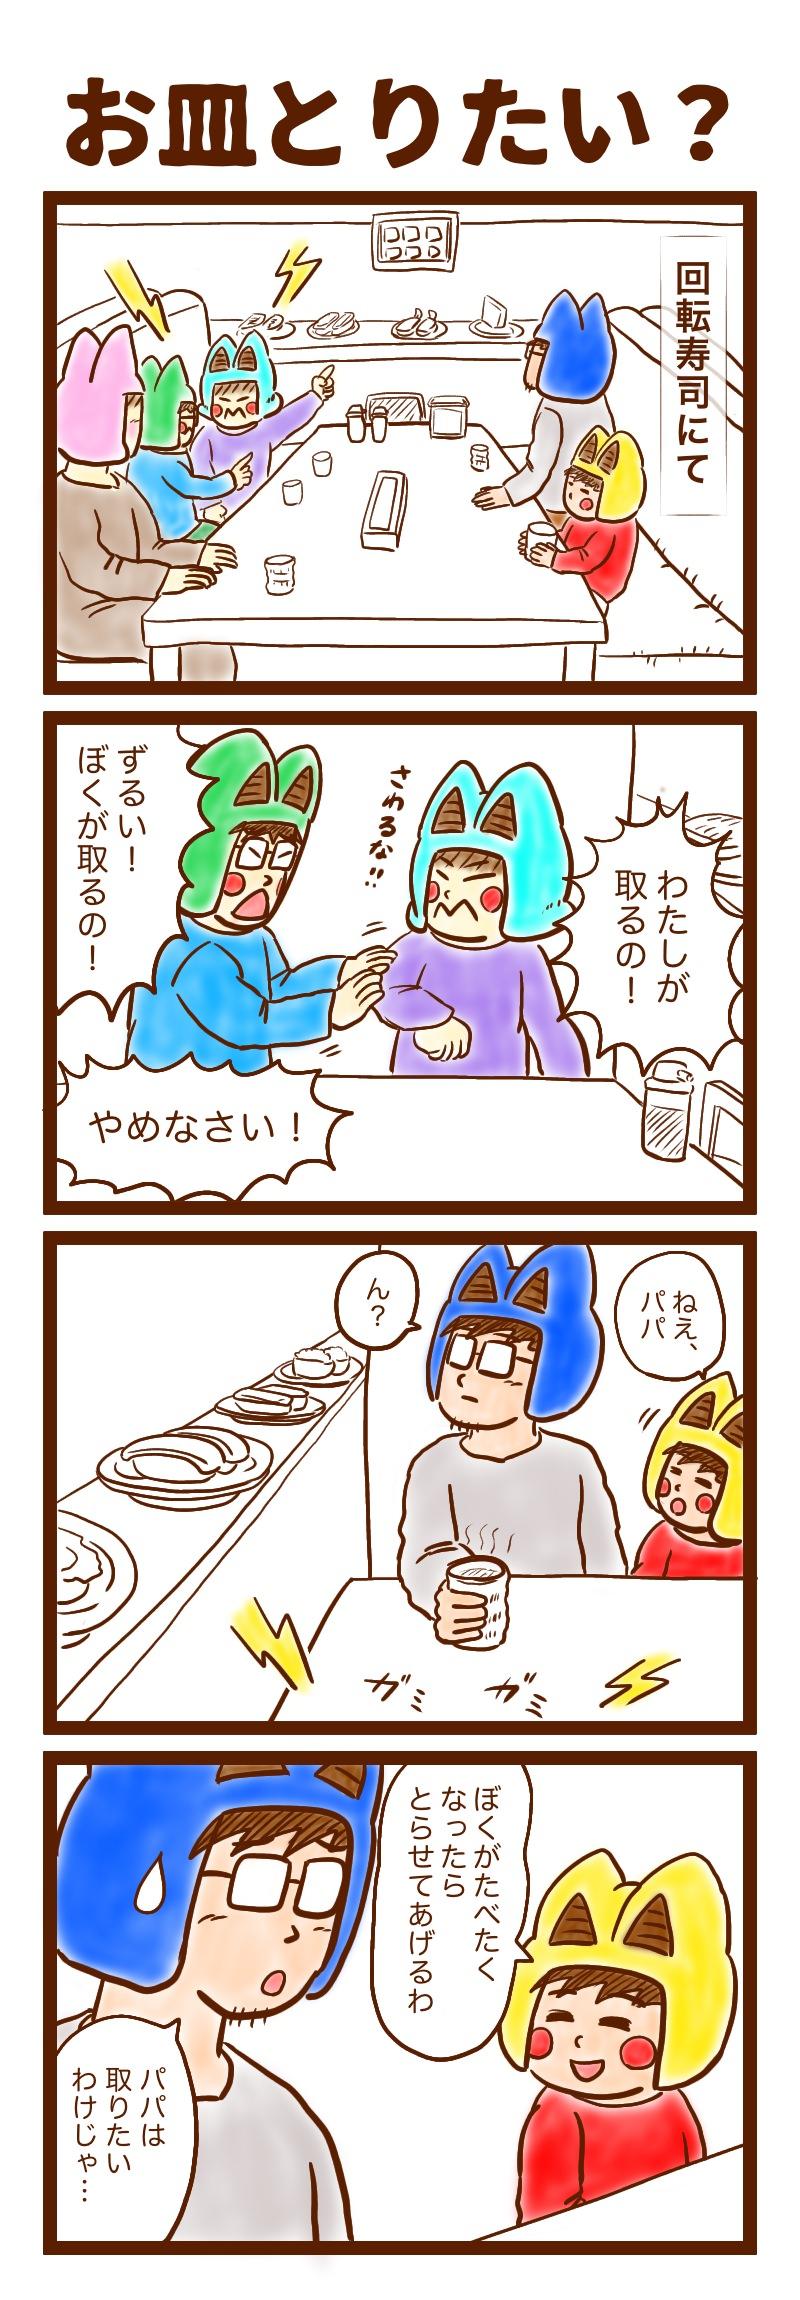 お皿とりたい?